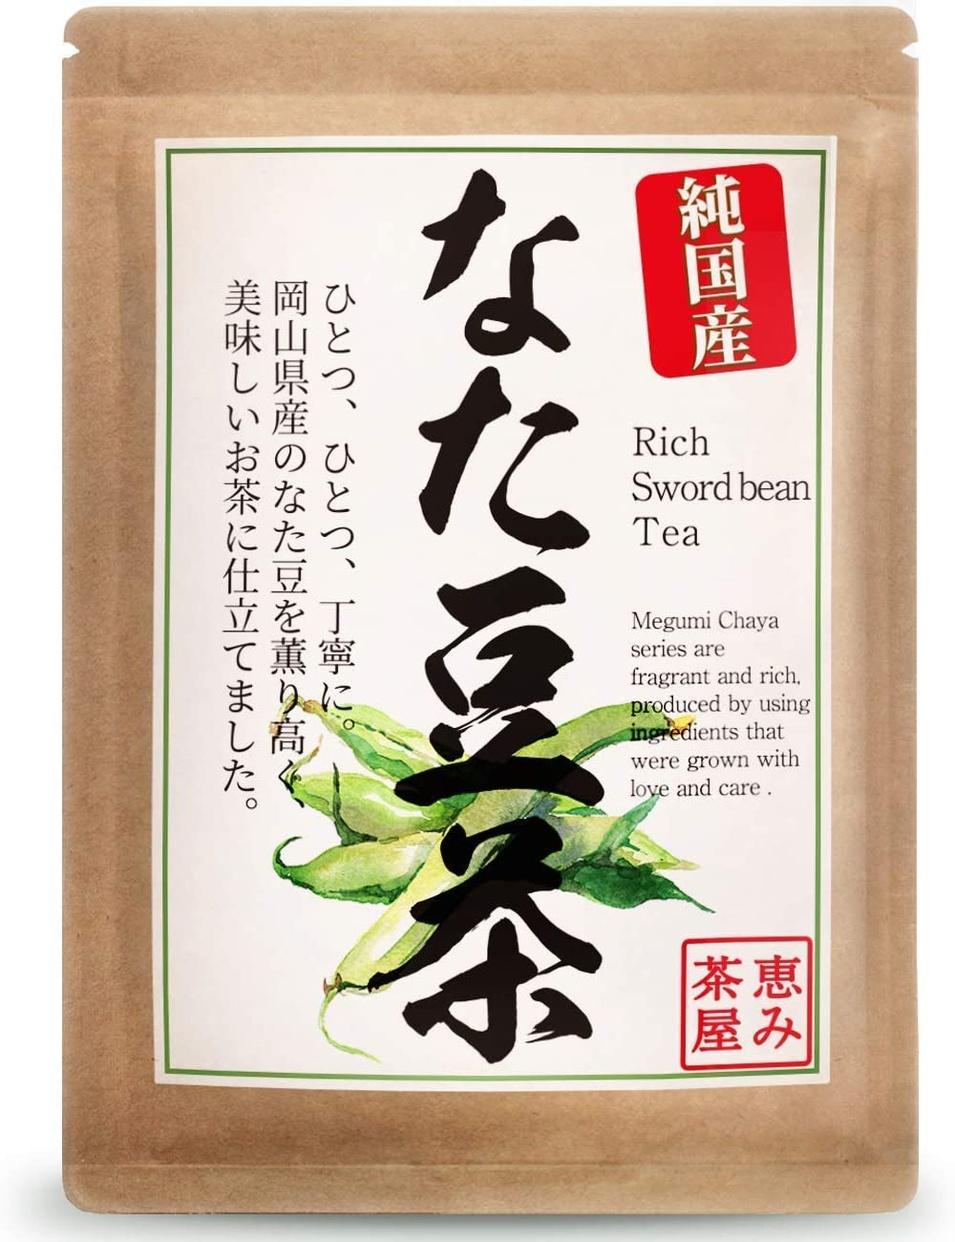 恵み茶屋 なた豆茶の商品画像